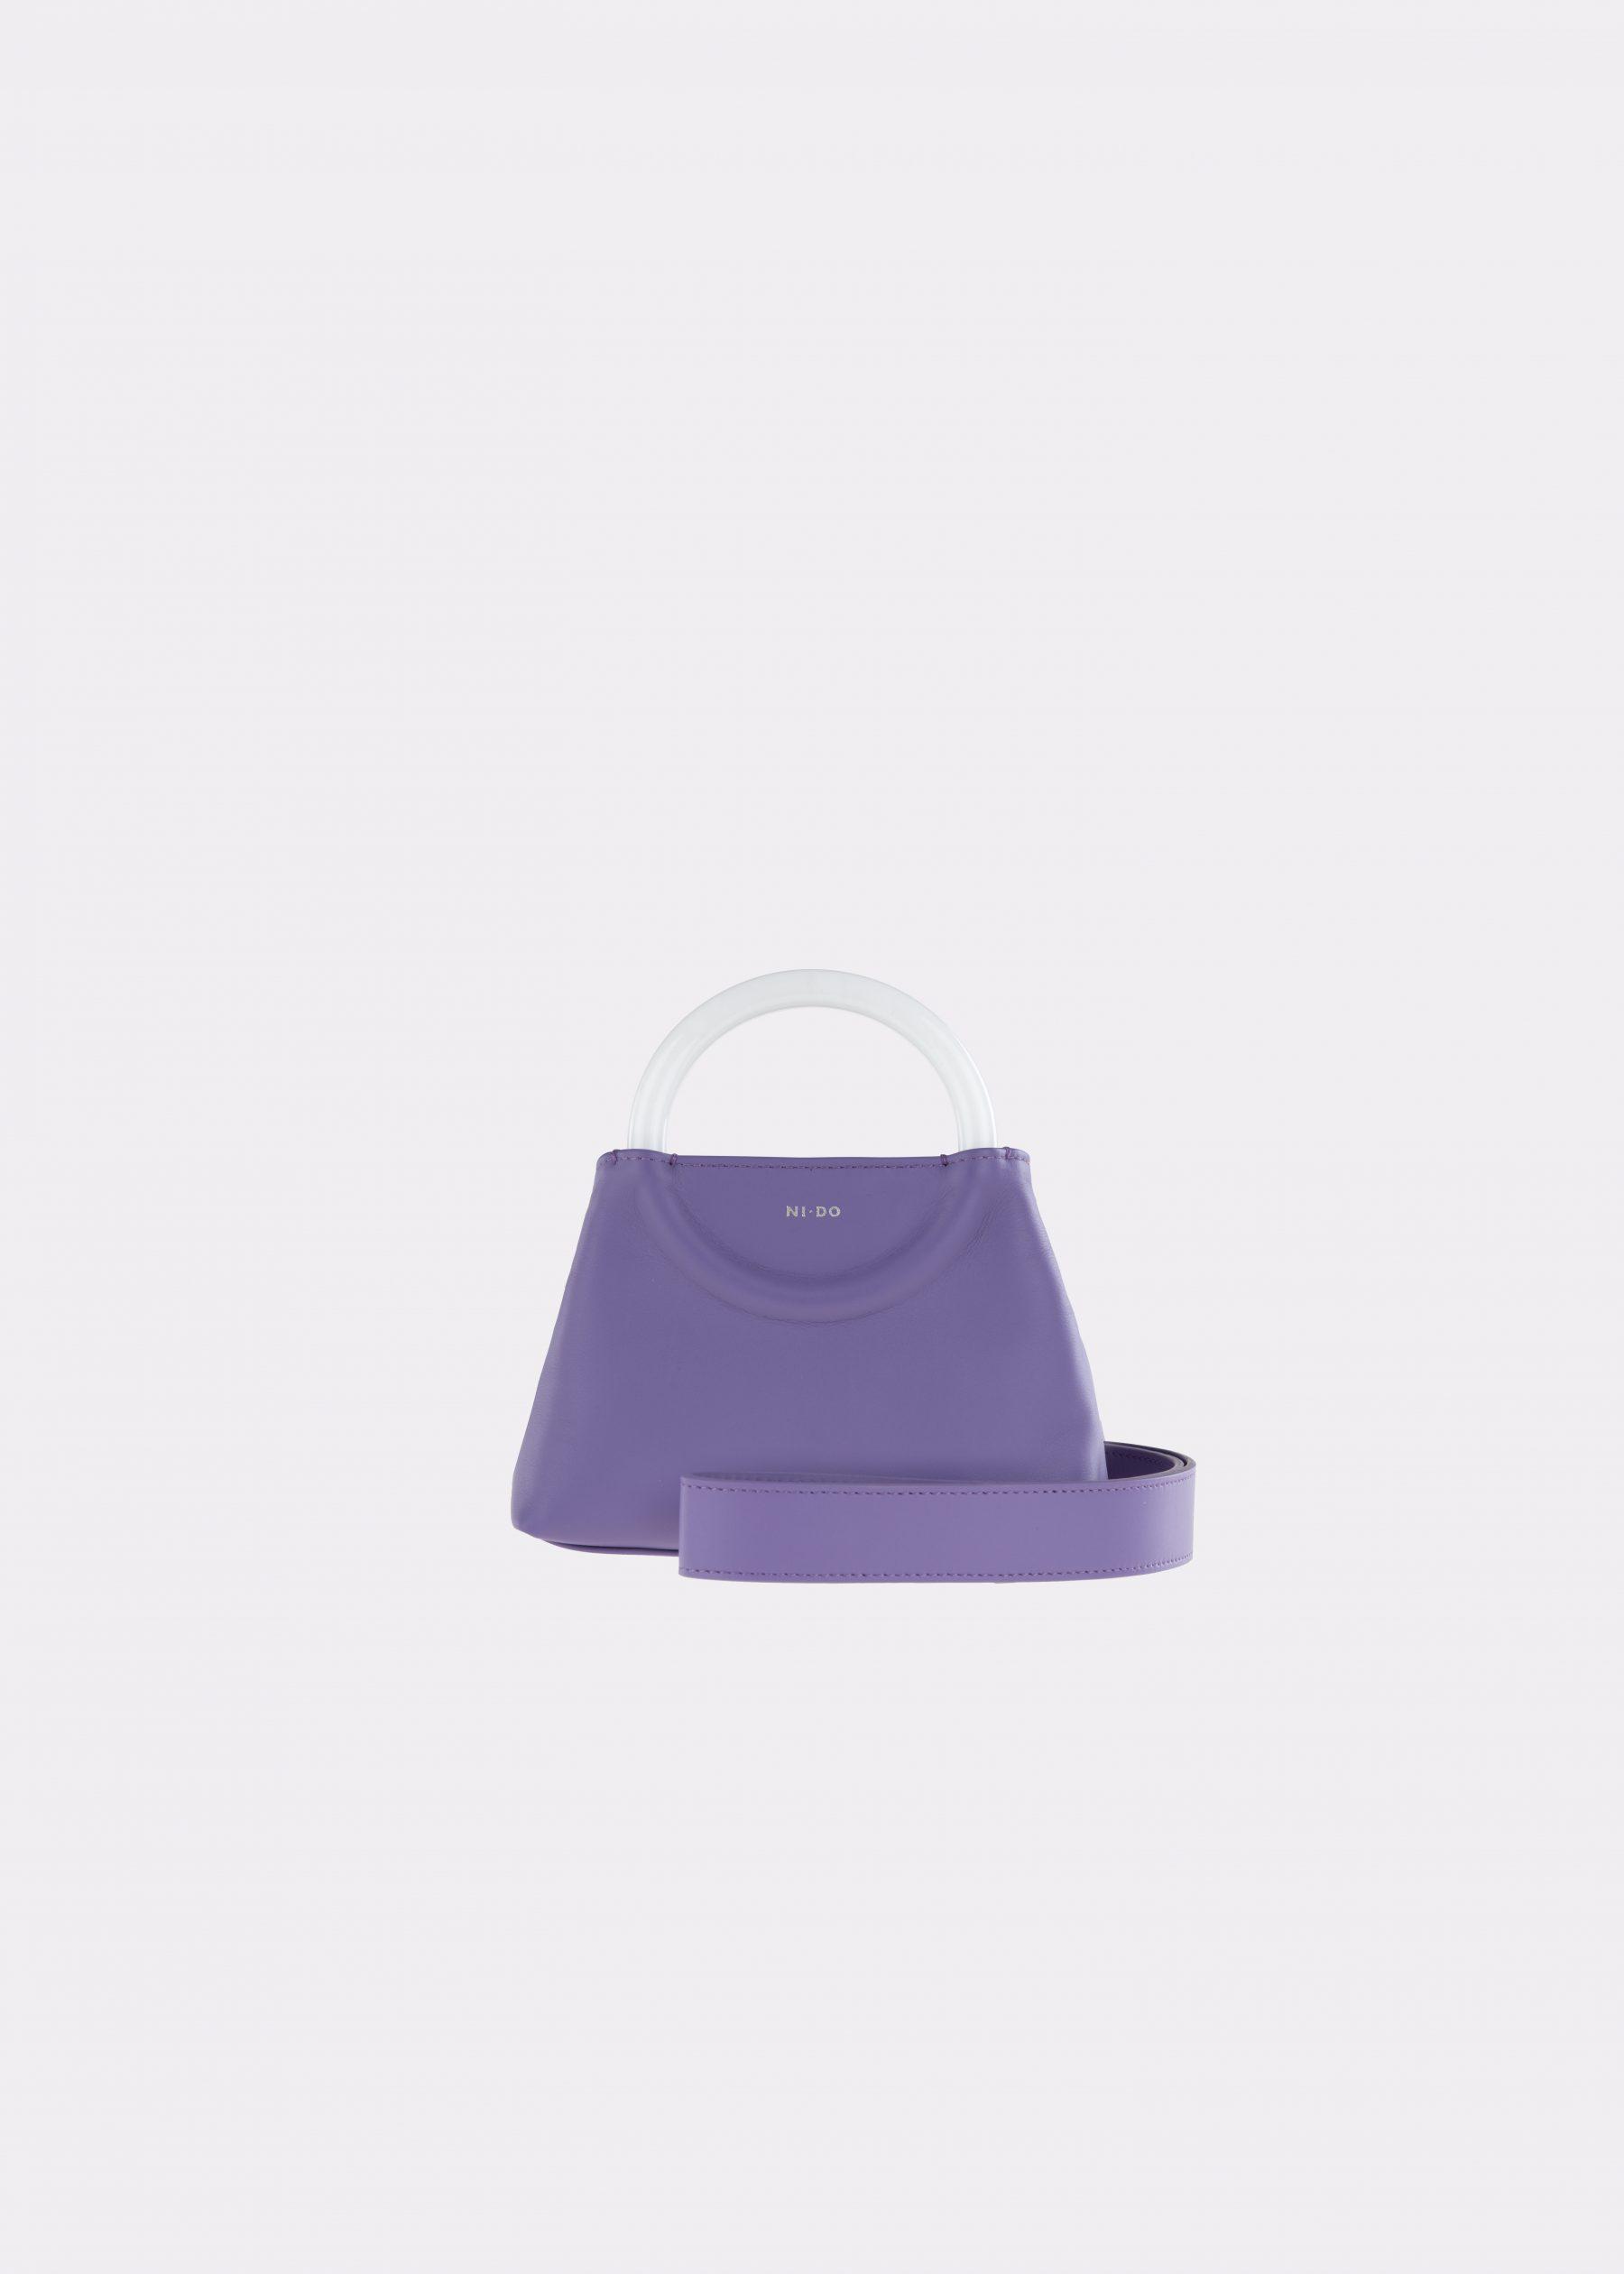 NIDO-Bolla_Mini-bag-Violetta-Pearl_shoulderstrap view